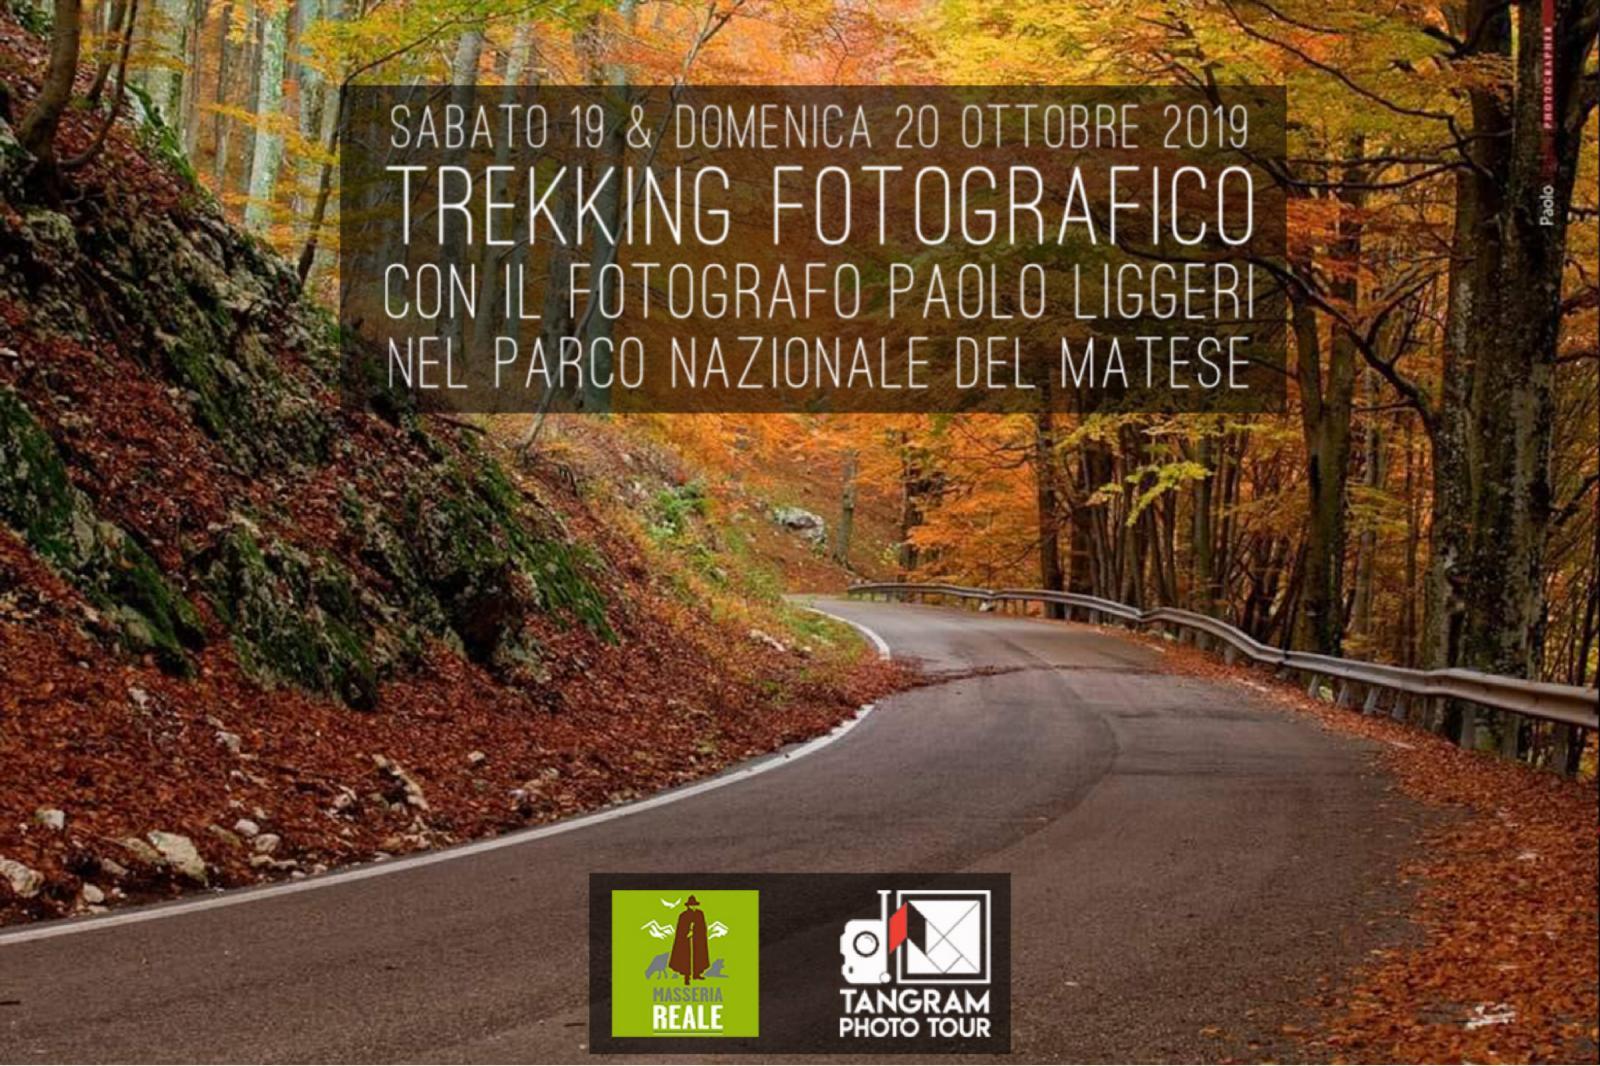 Trekking fotografico nel Parco Nazionale del Matese con Paolo Liggeri